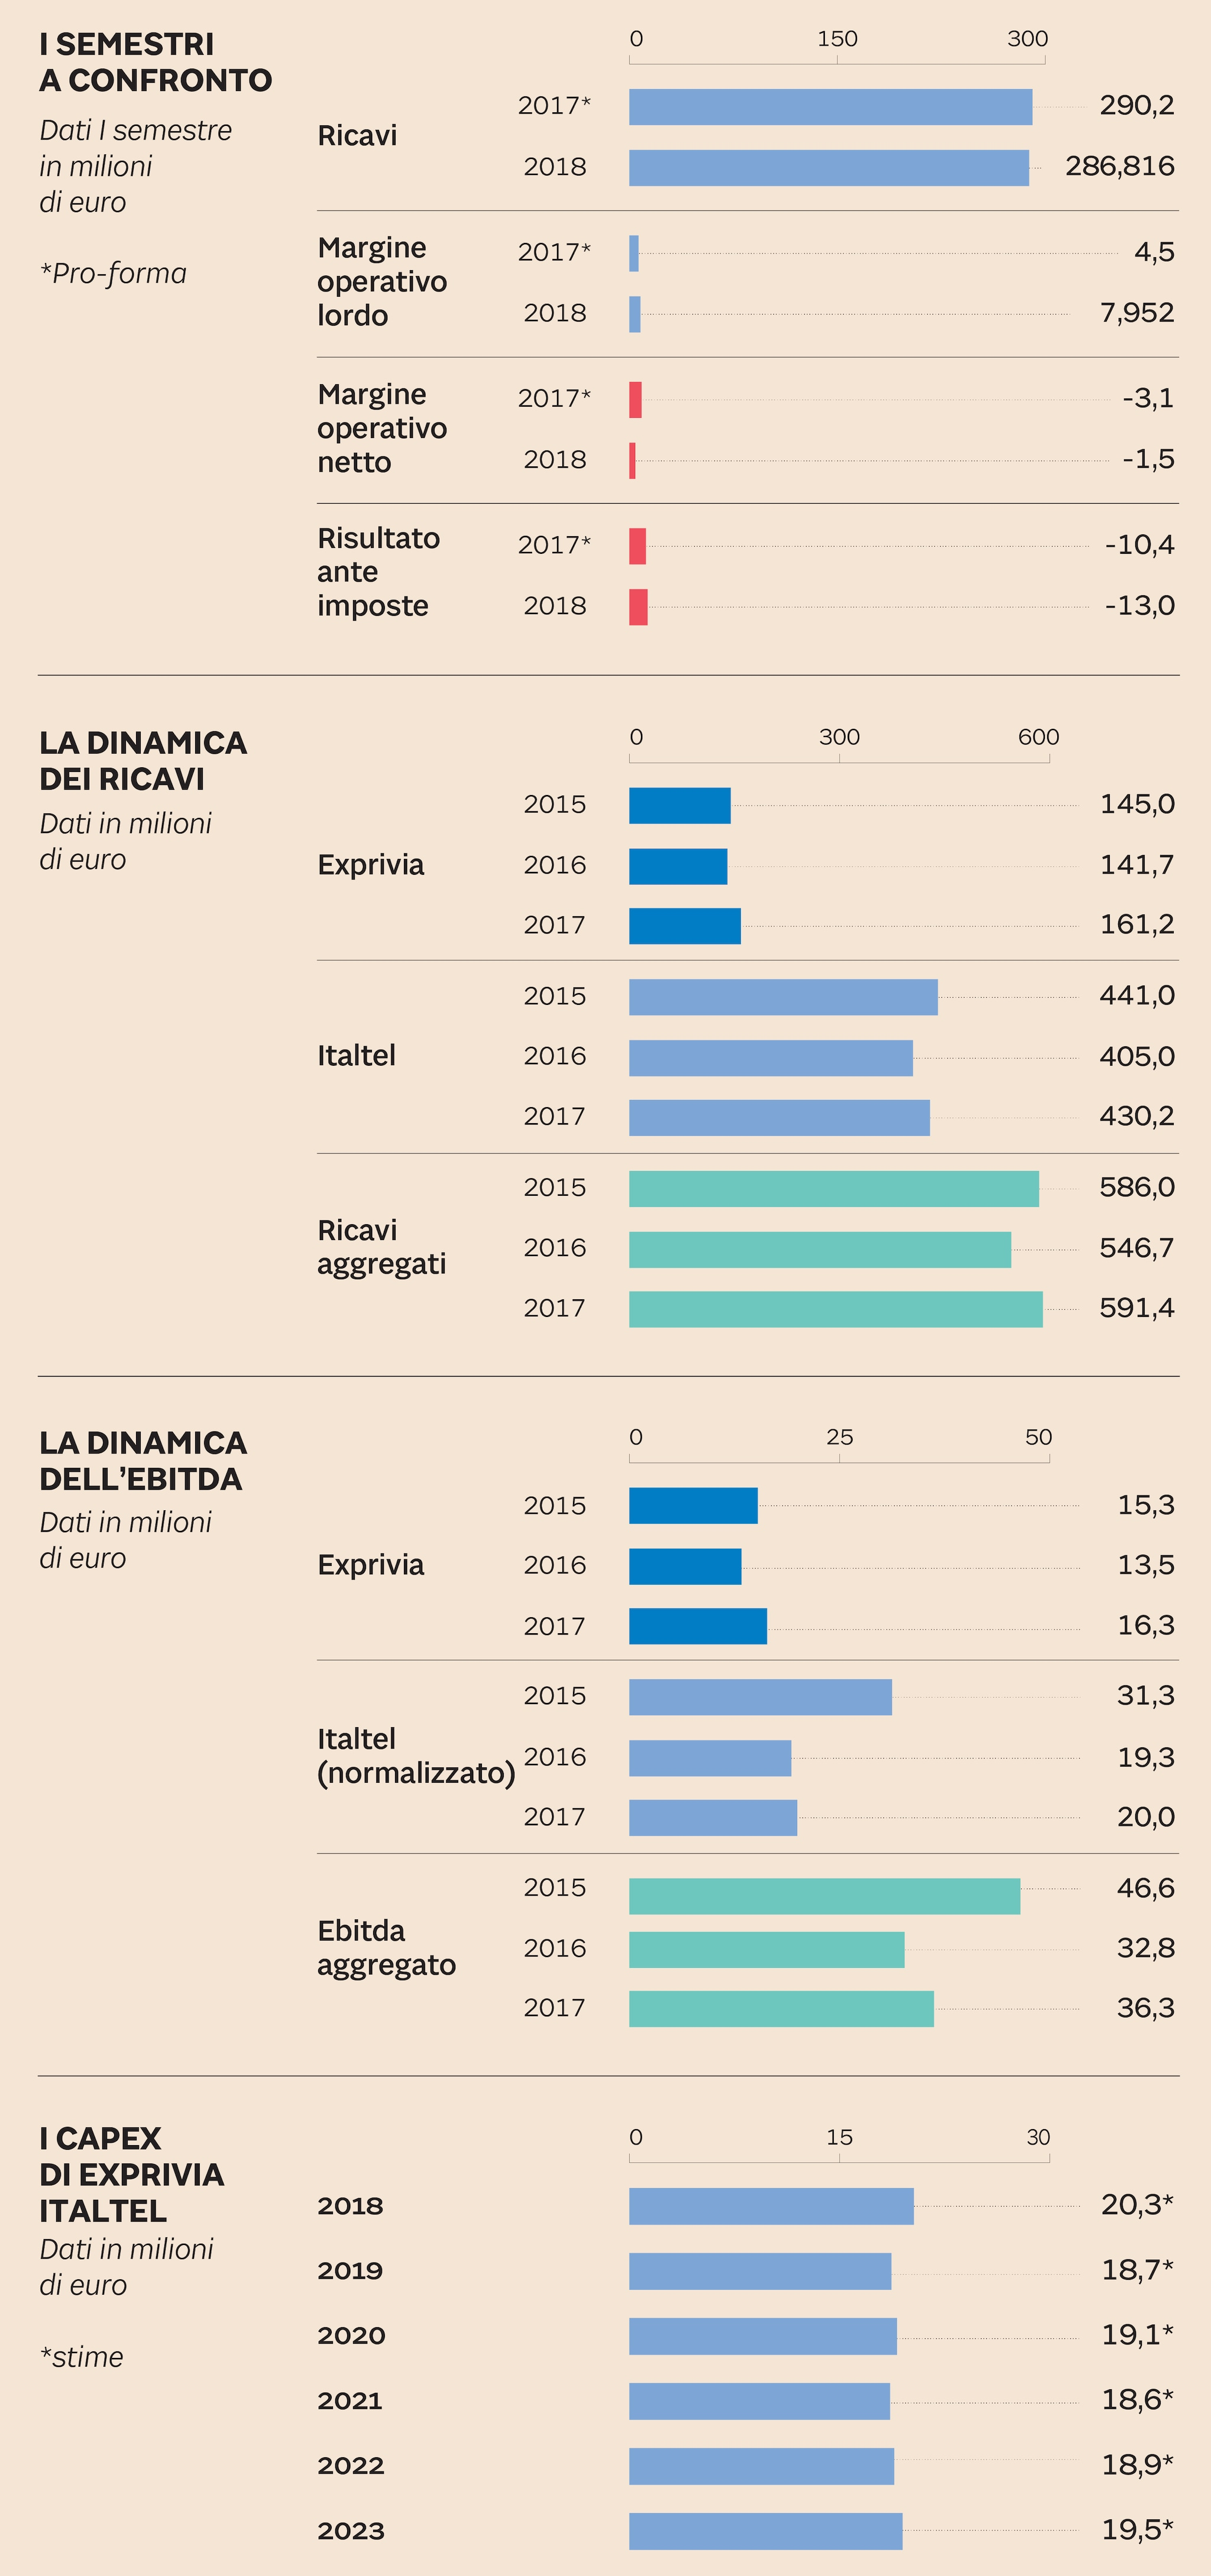 EXPRIVIA-ITALTEL IN NUMERI